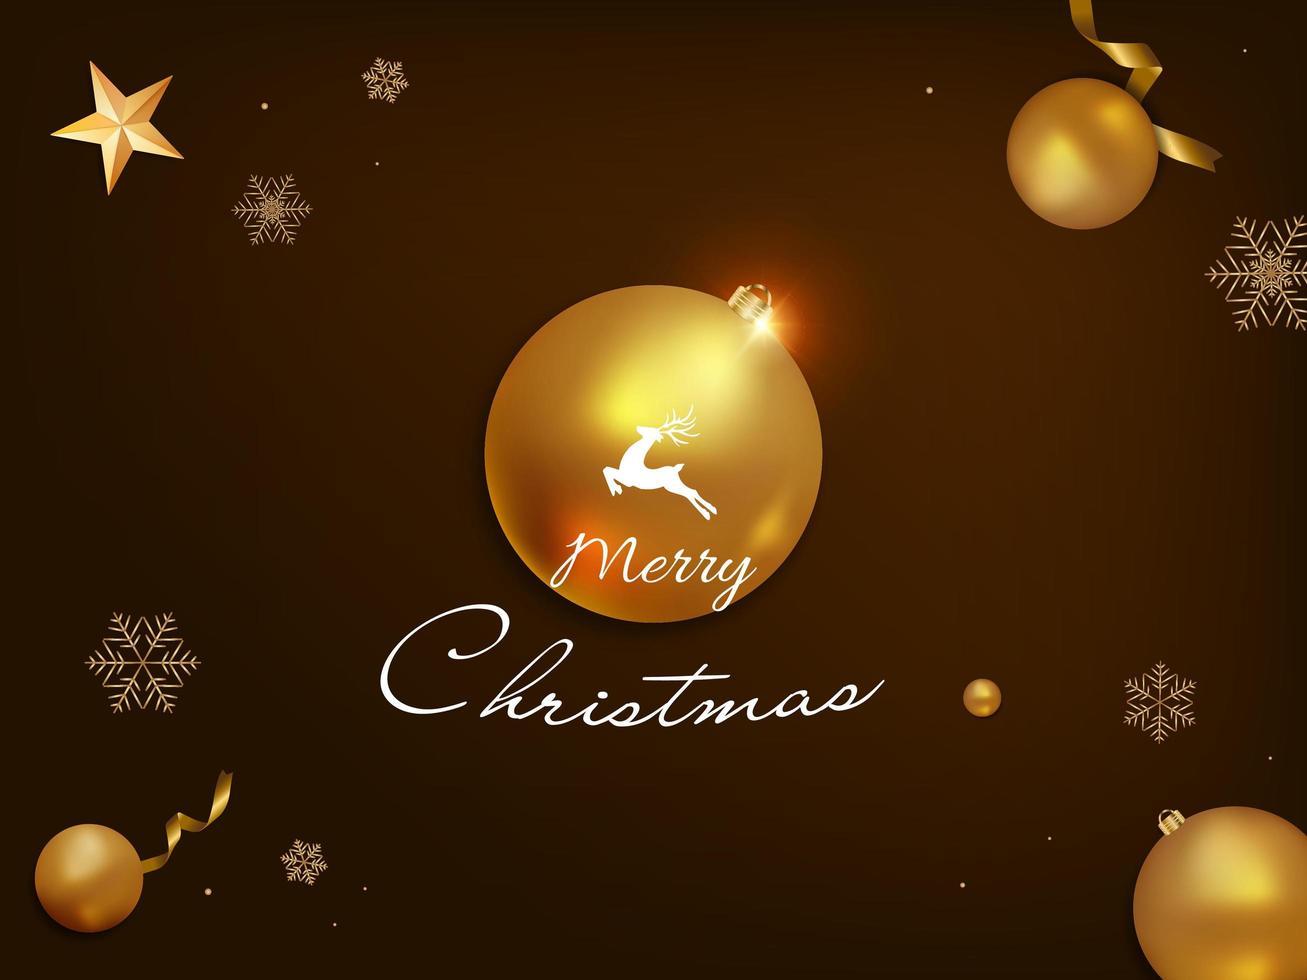 Frohe Weihnachten Grußkarte mit realistischen Weihnachtsdekorationen vektor